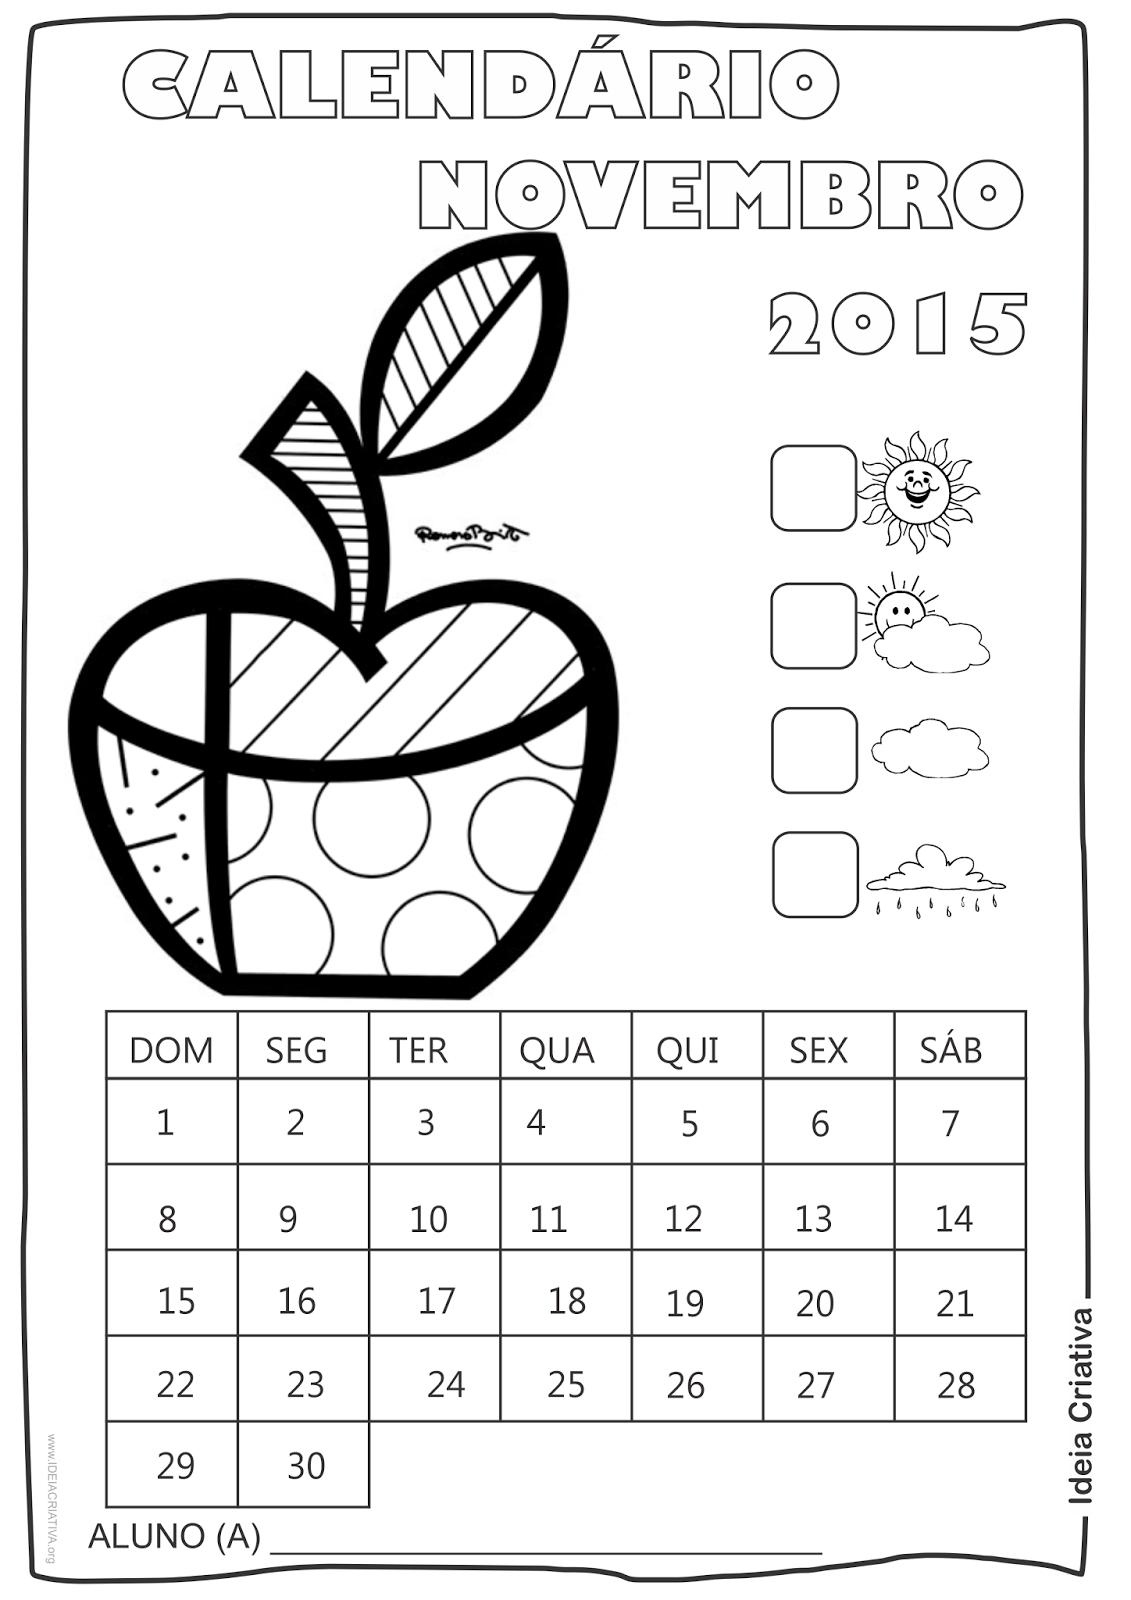 Calendário Novembro  2015 com Desenho Maçã  de Romero Britto para Colorir